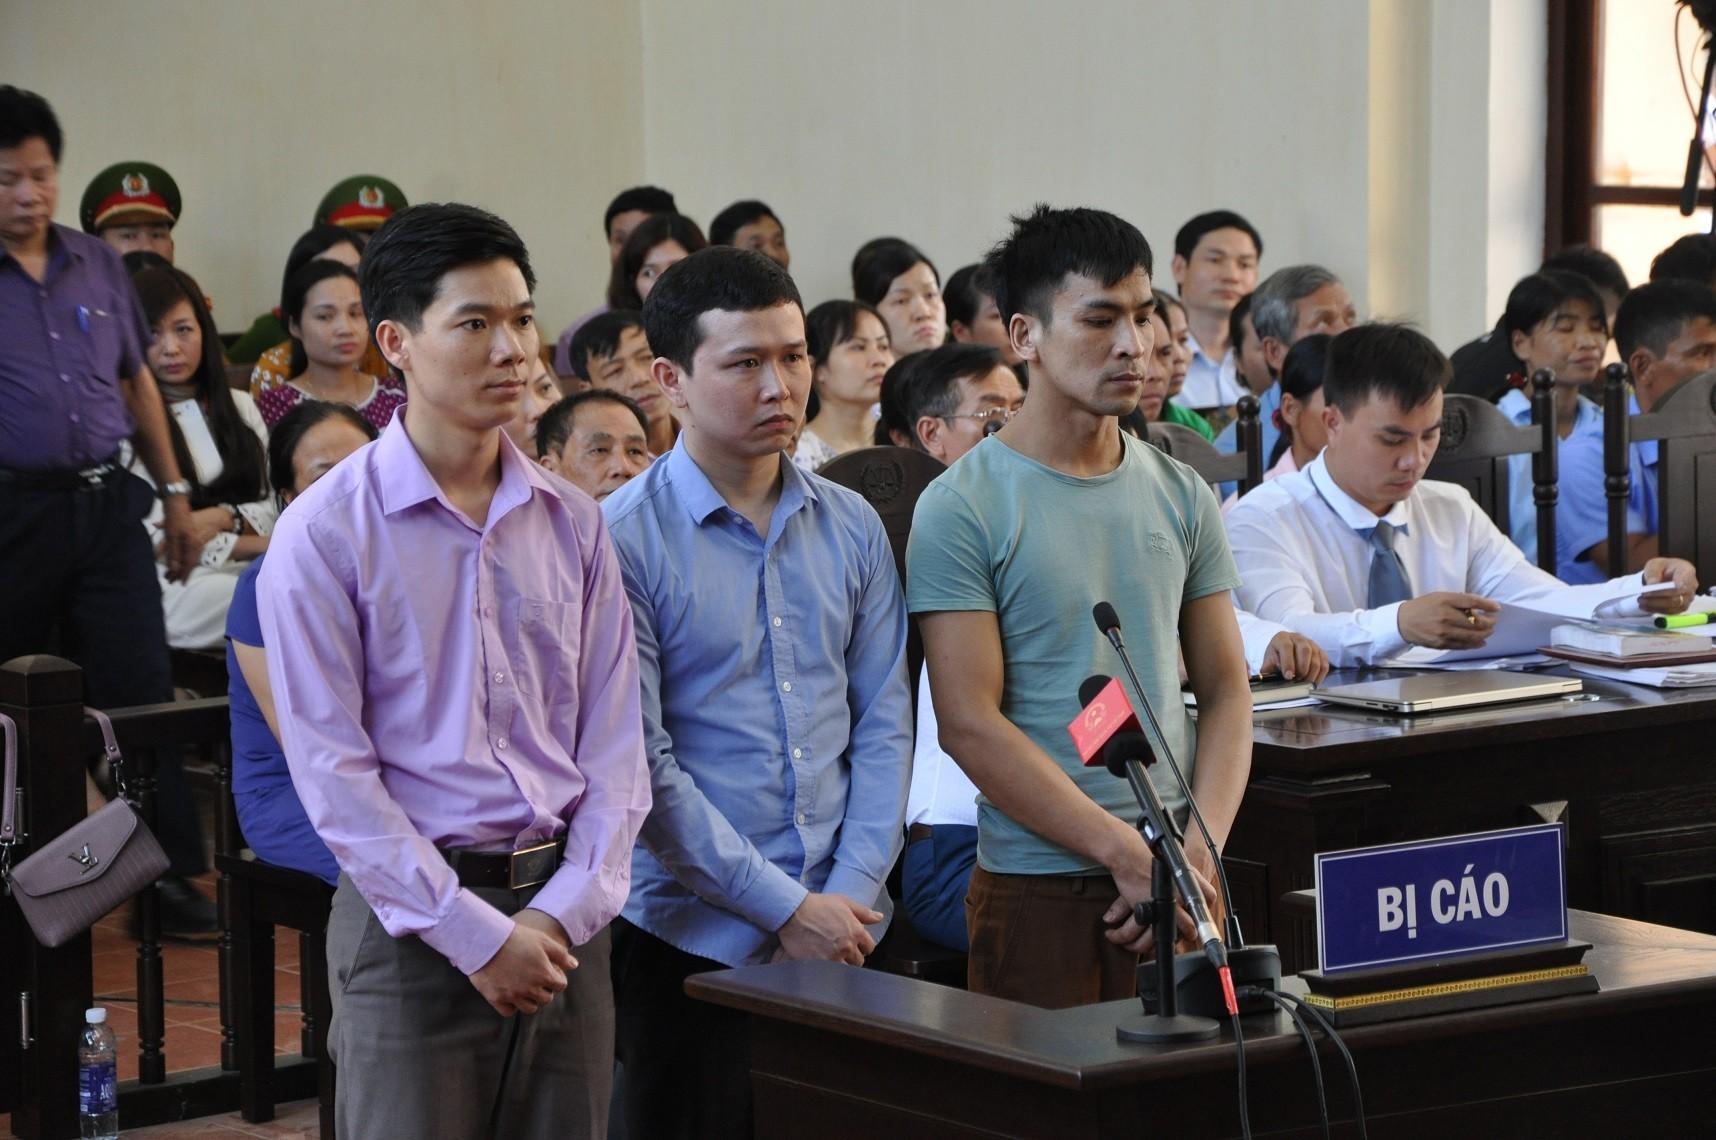 Bác sĩ Hoàng Công Lương xúc động khi được người nhà nạn nhân đề nghị tòa tuyên vô tội - Ảnh 1